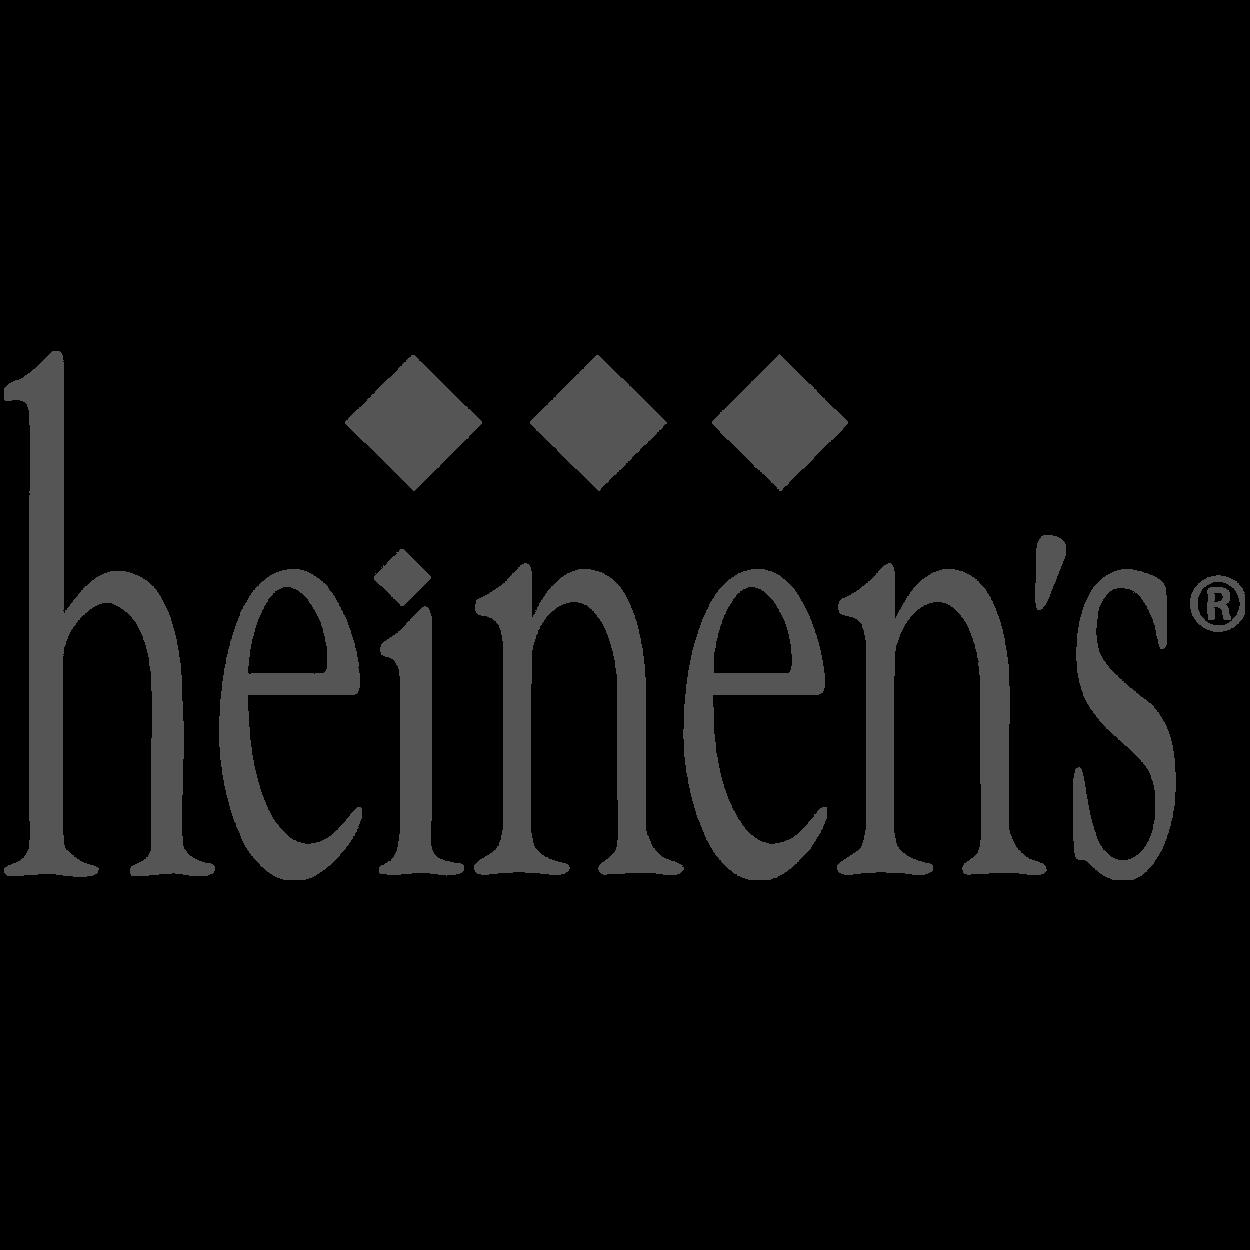 HEINEINS